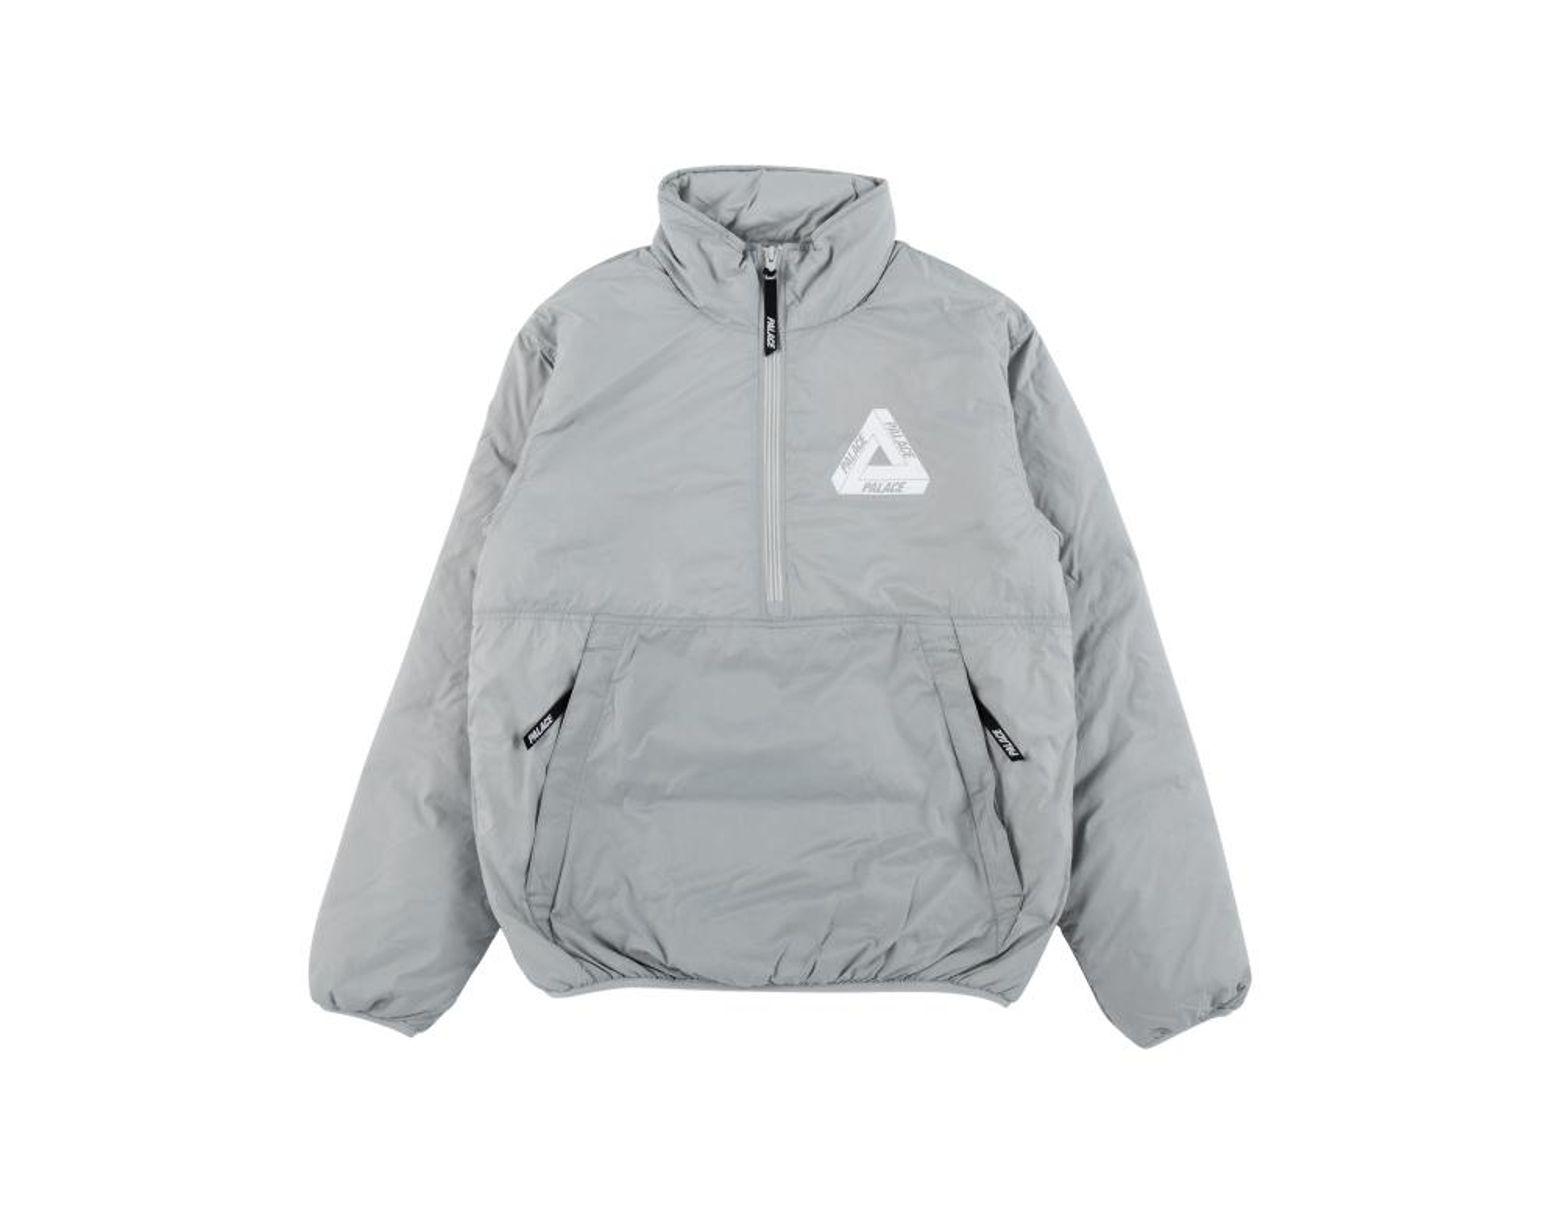 9b8120176 Men's Gray Packable 1/2 Zip Thinsulate Ja